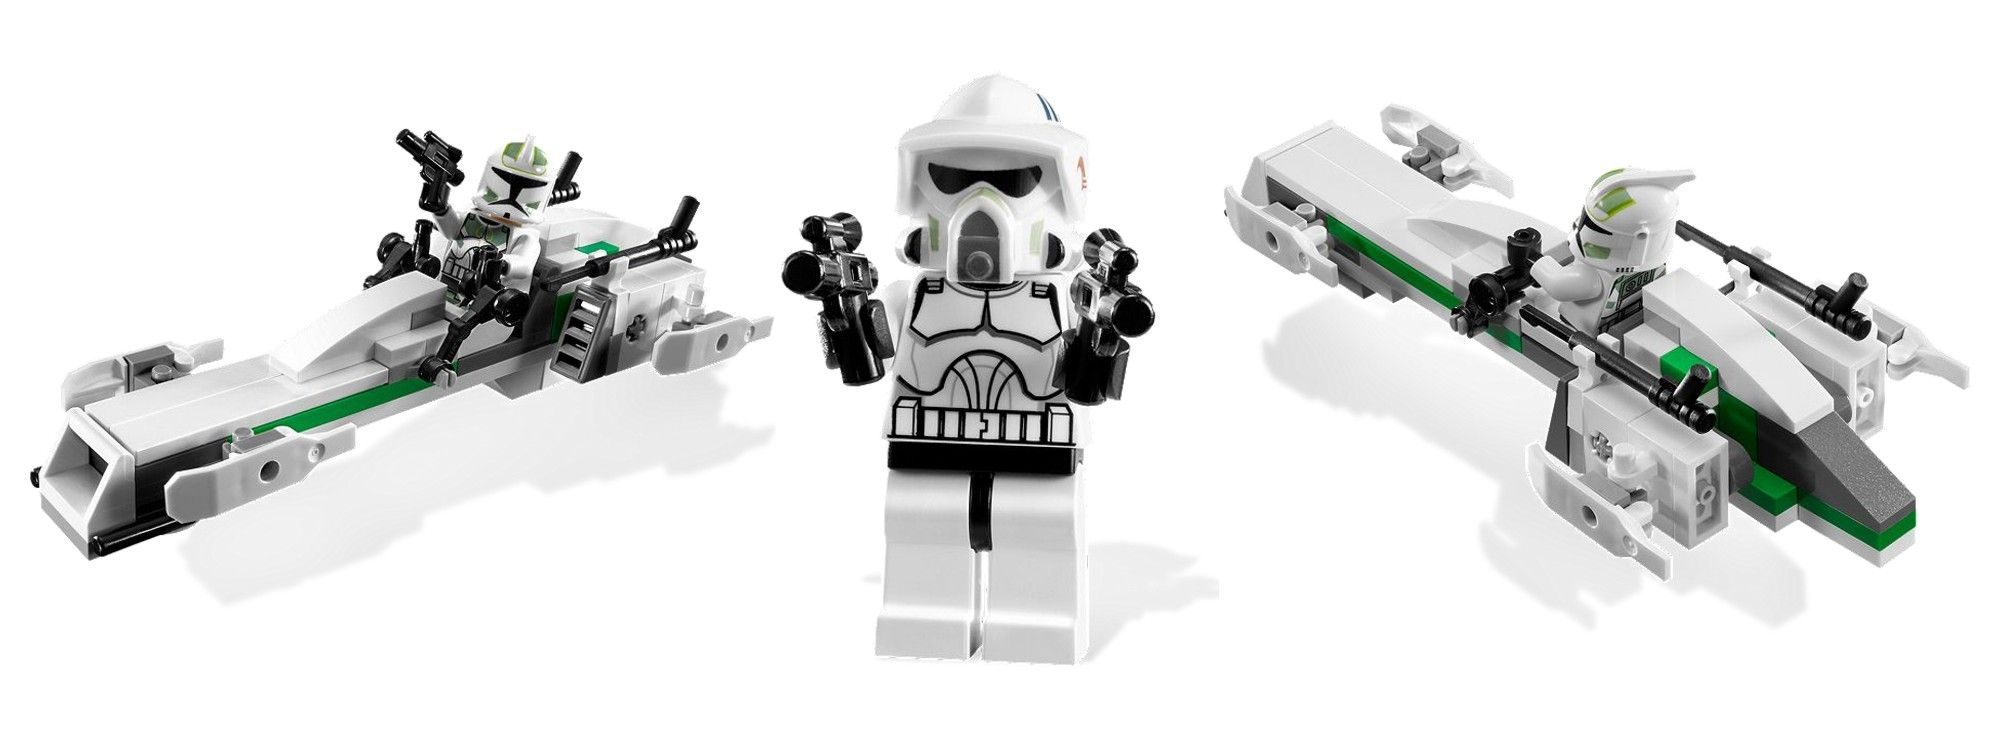 7913 günstig kaufen LEGO StarWars Clone Trooper Battle Pack